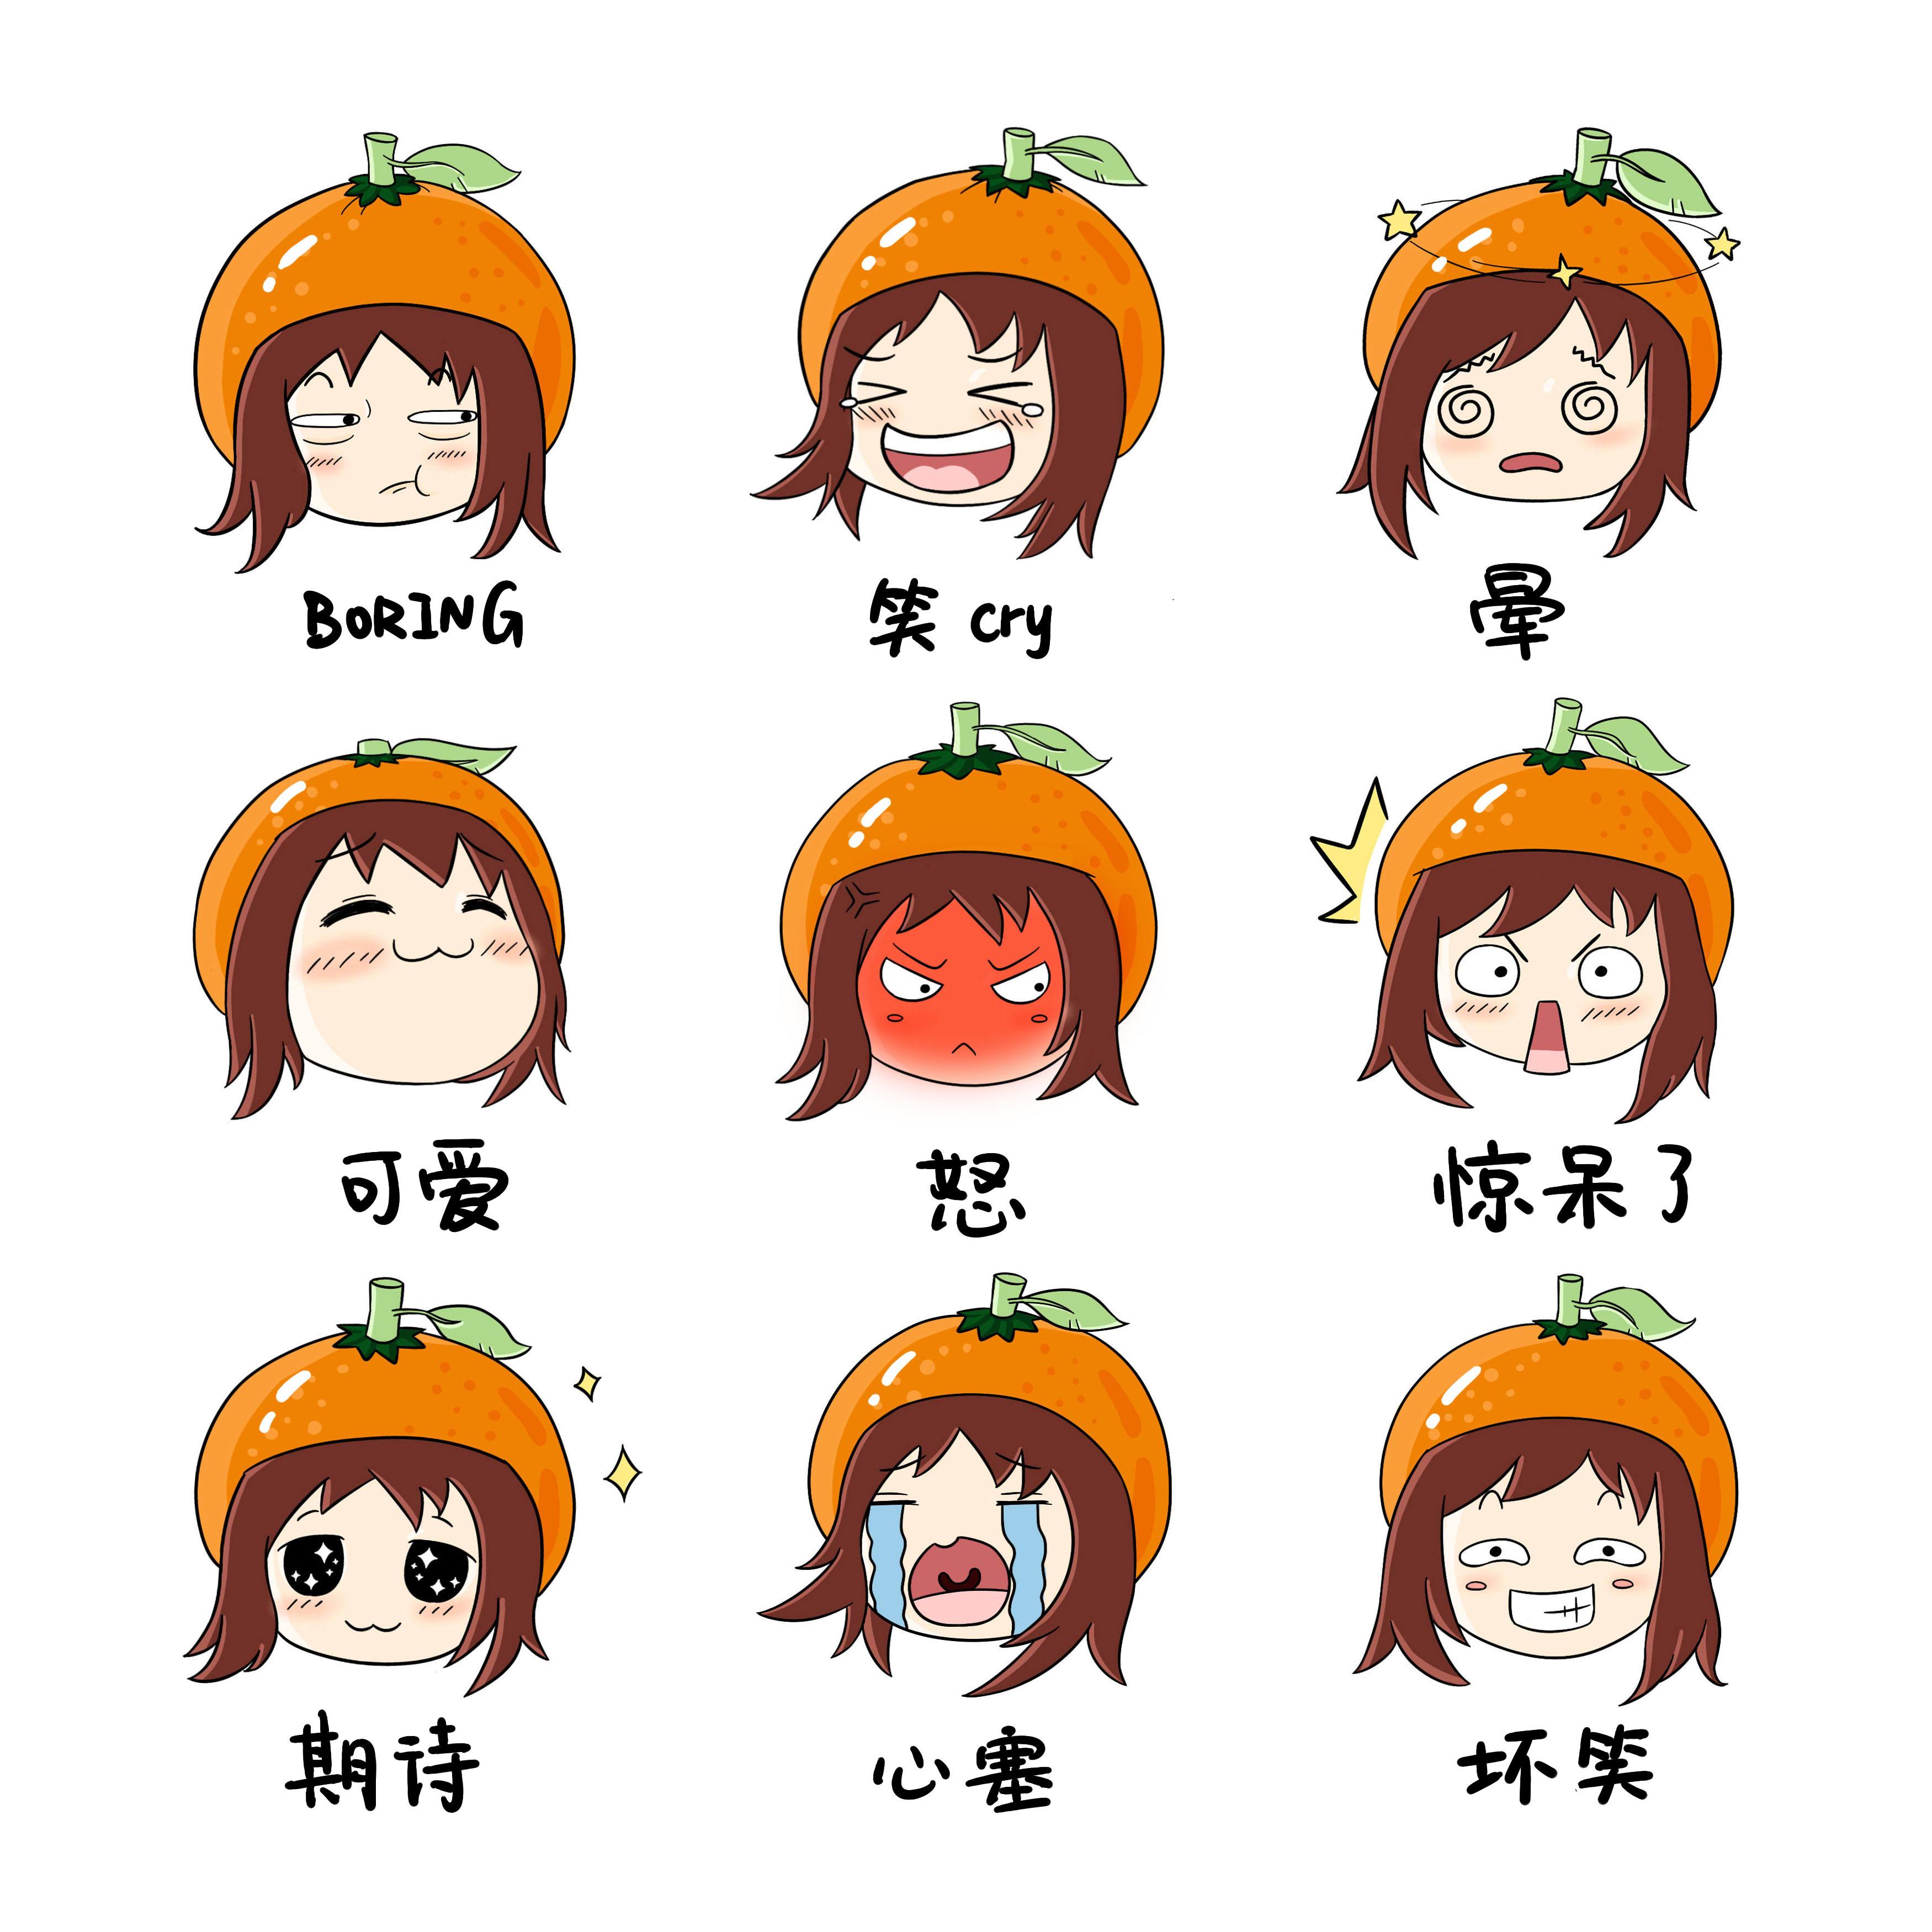 卡通橘子图片